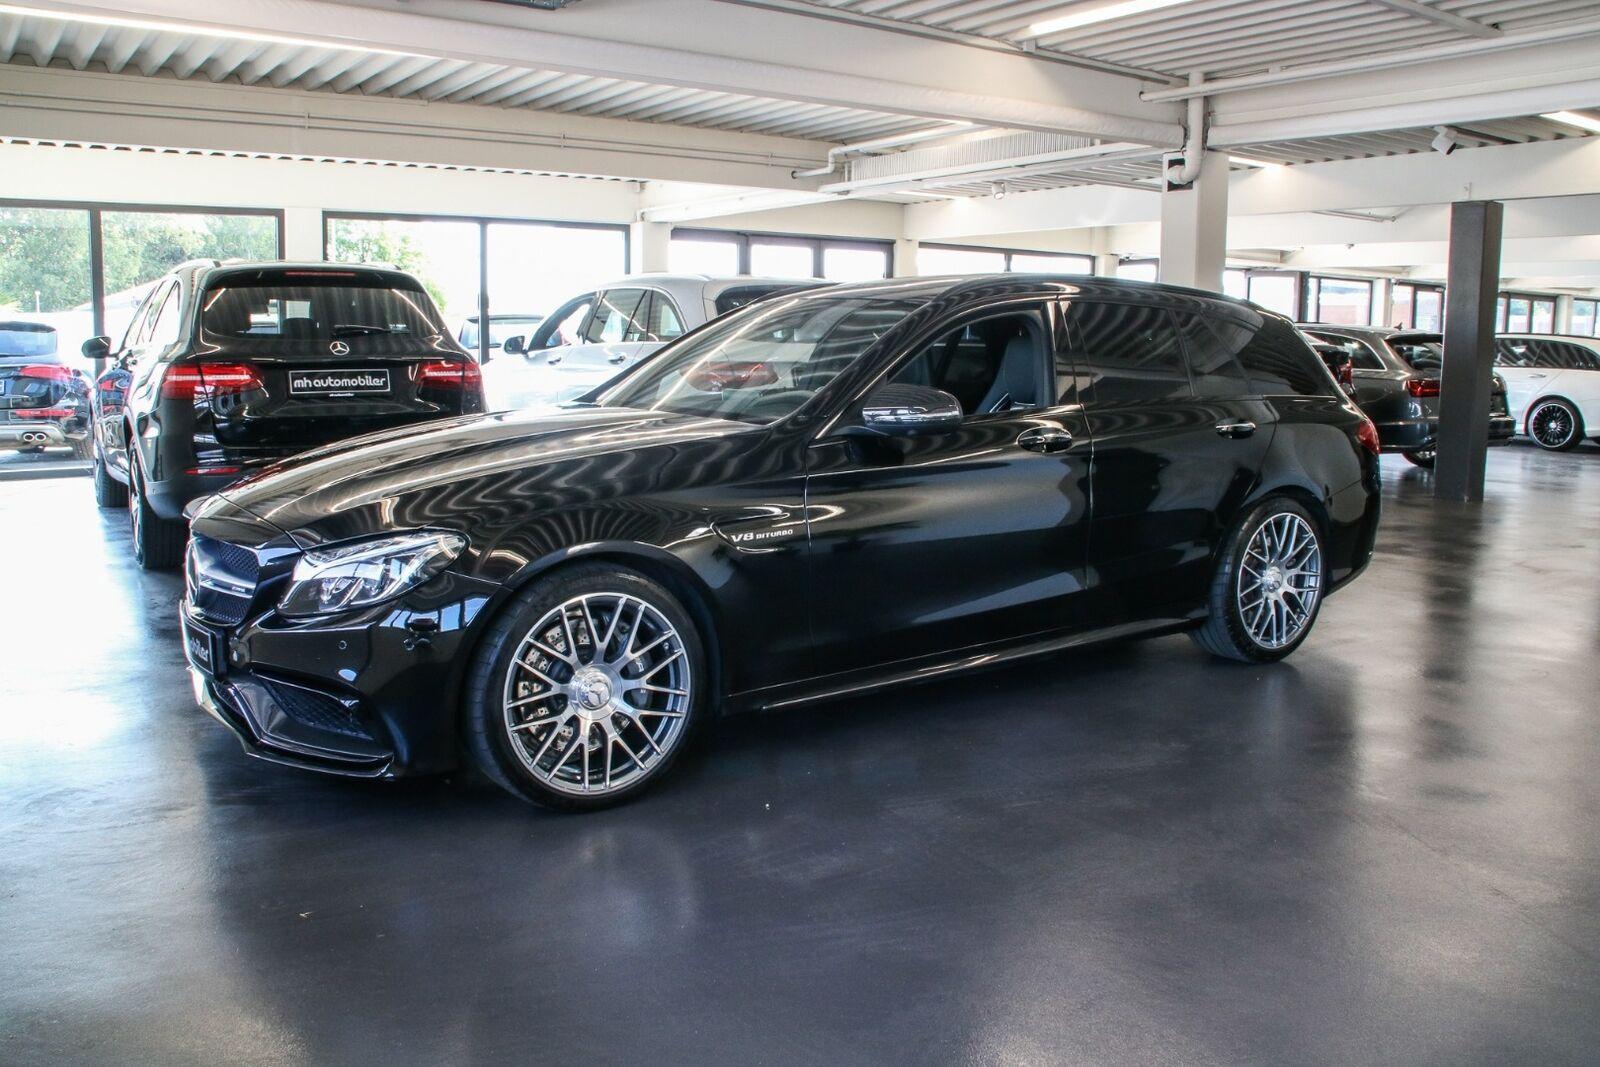 Mercedes C63 4,0 AMG stc. aut. 5d - 2.767 kr.